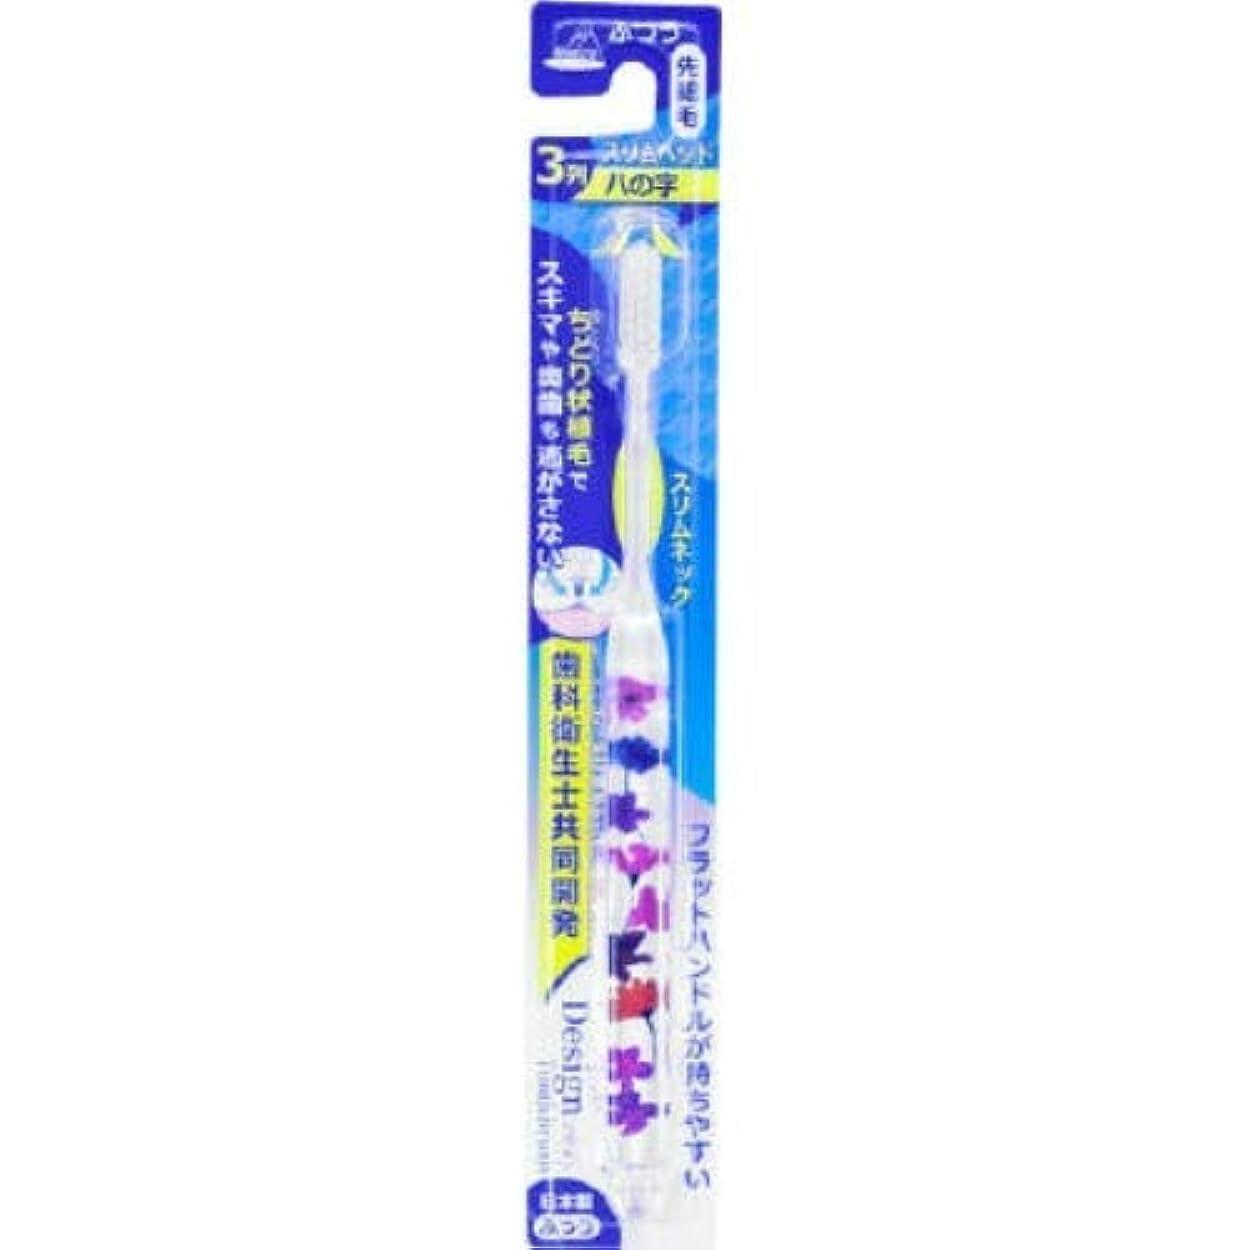 コンテスト肉屋幾何学アヌシ OB-806FA ちどりデザインハブラシ Flower 1本入